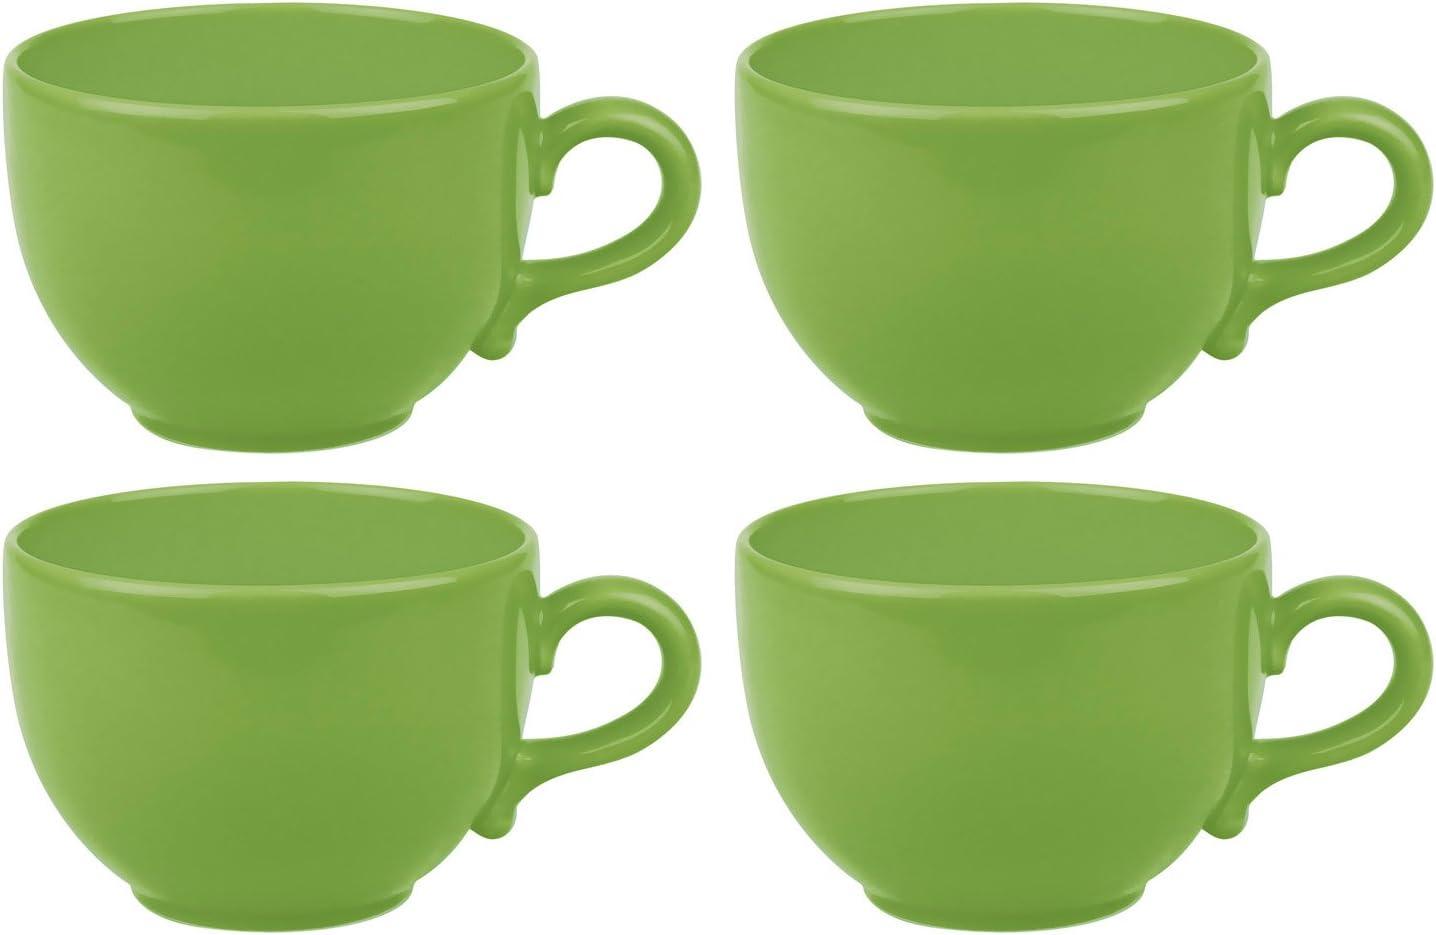 Faszination-Wohnen Jumbotasse 600ml Suppentasse Jumbo Tasse Kaffeetasse Lemon Gr/ün